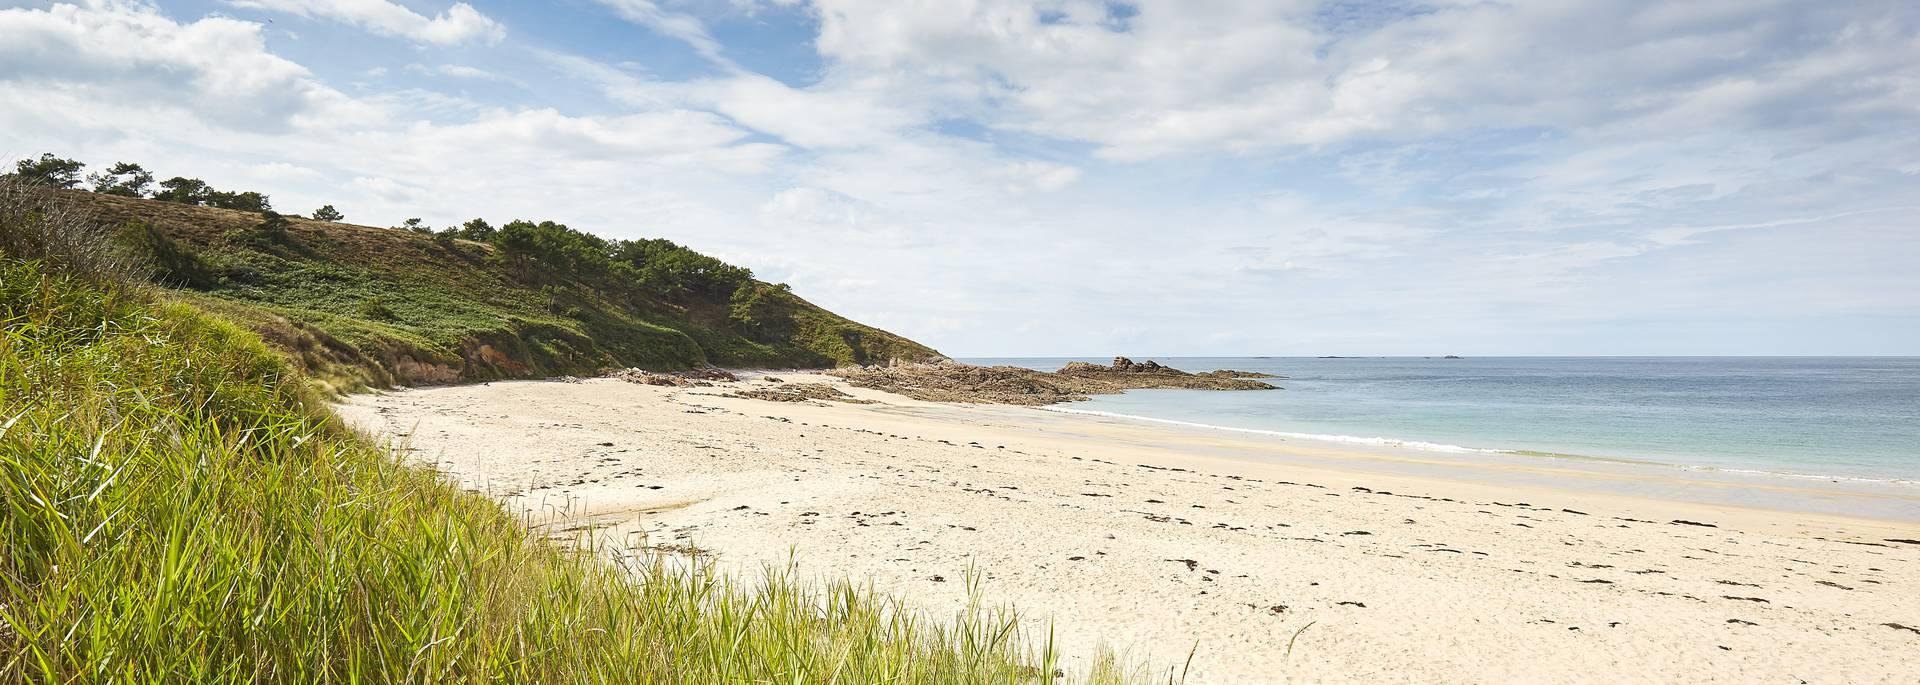 plages sauvages au cap d'erquy